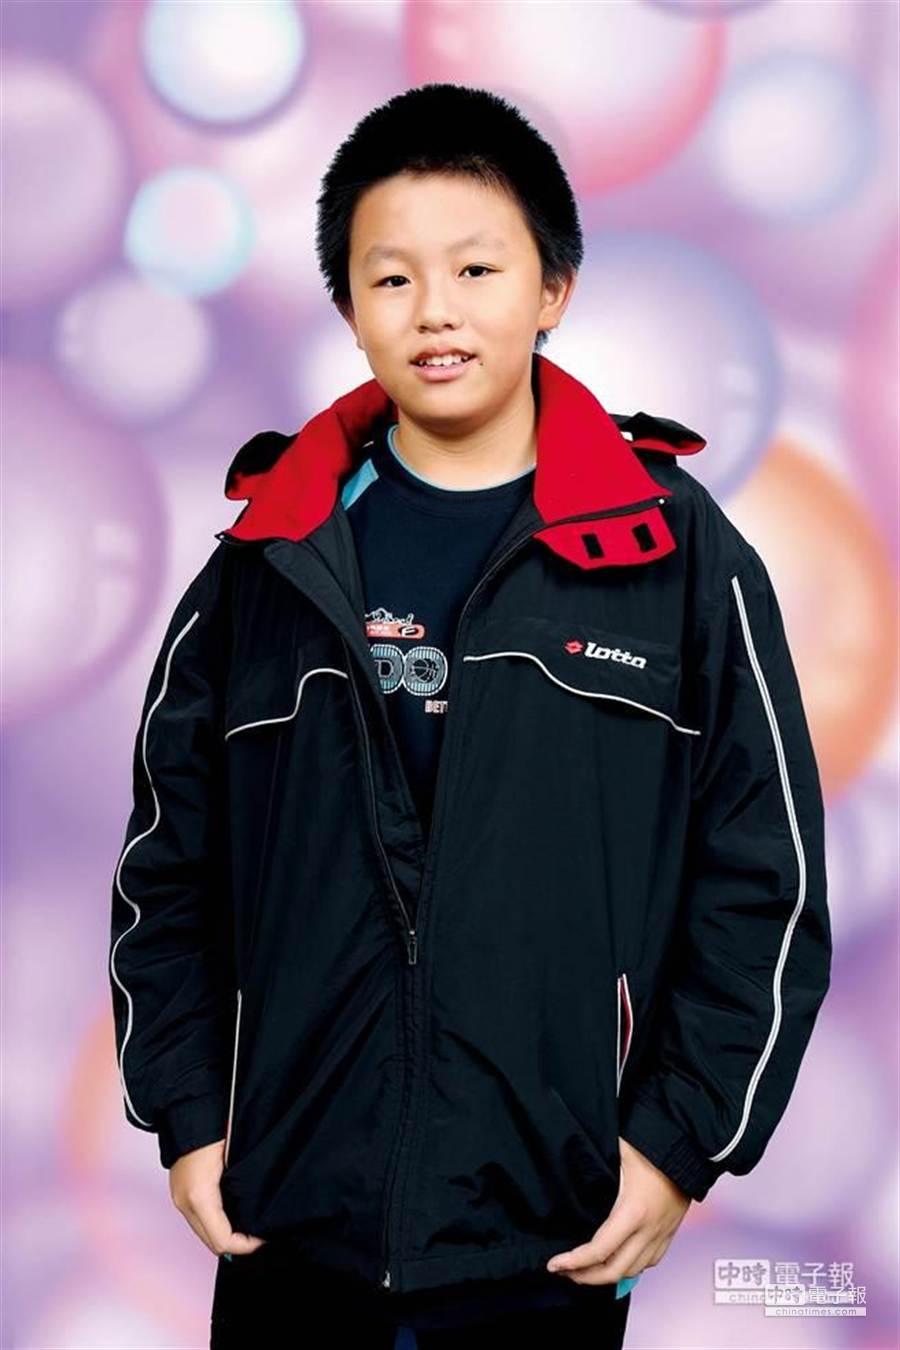 台北市敦化國中國二學生林奕帆參加T&AMC全球數學分級能力測驗,獲得唯一總滿分。(林奕帆提供)